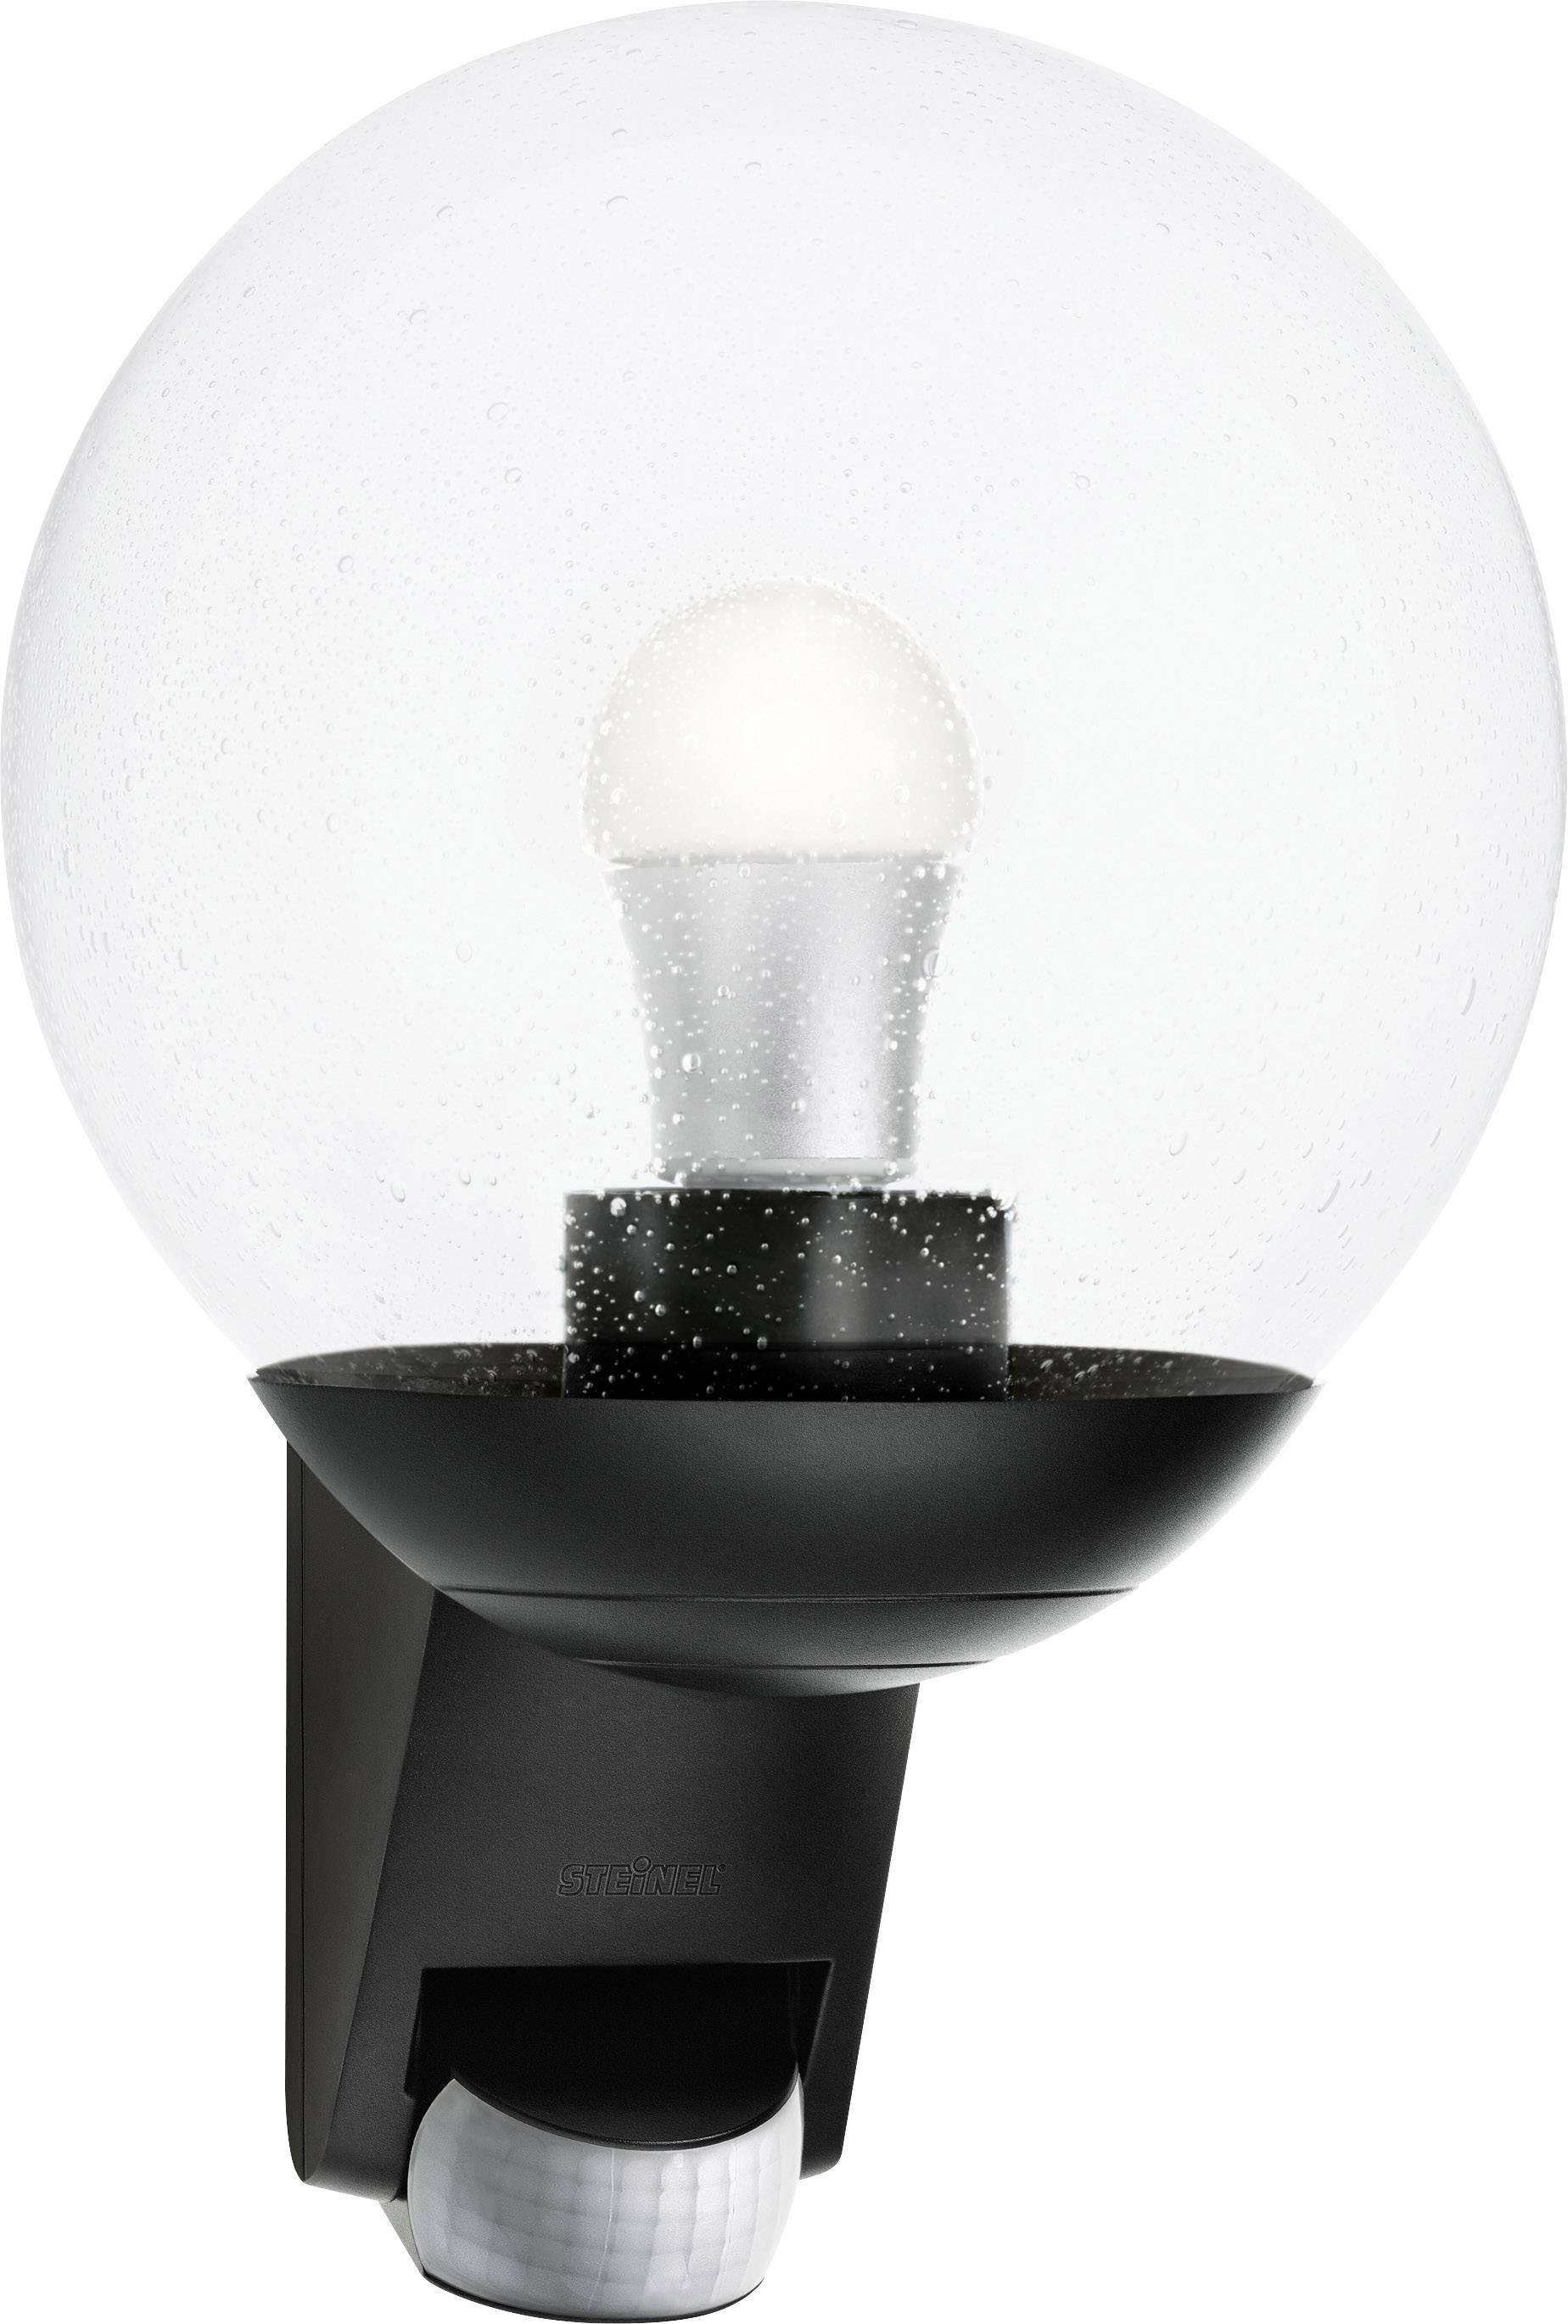 Steinel L585 05535 Outdoor Wall Light Motion Detector Energy Saving Bulb Led Monochrome E 27 60 W Black Conrad Com